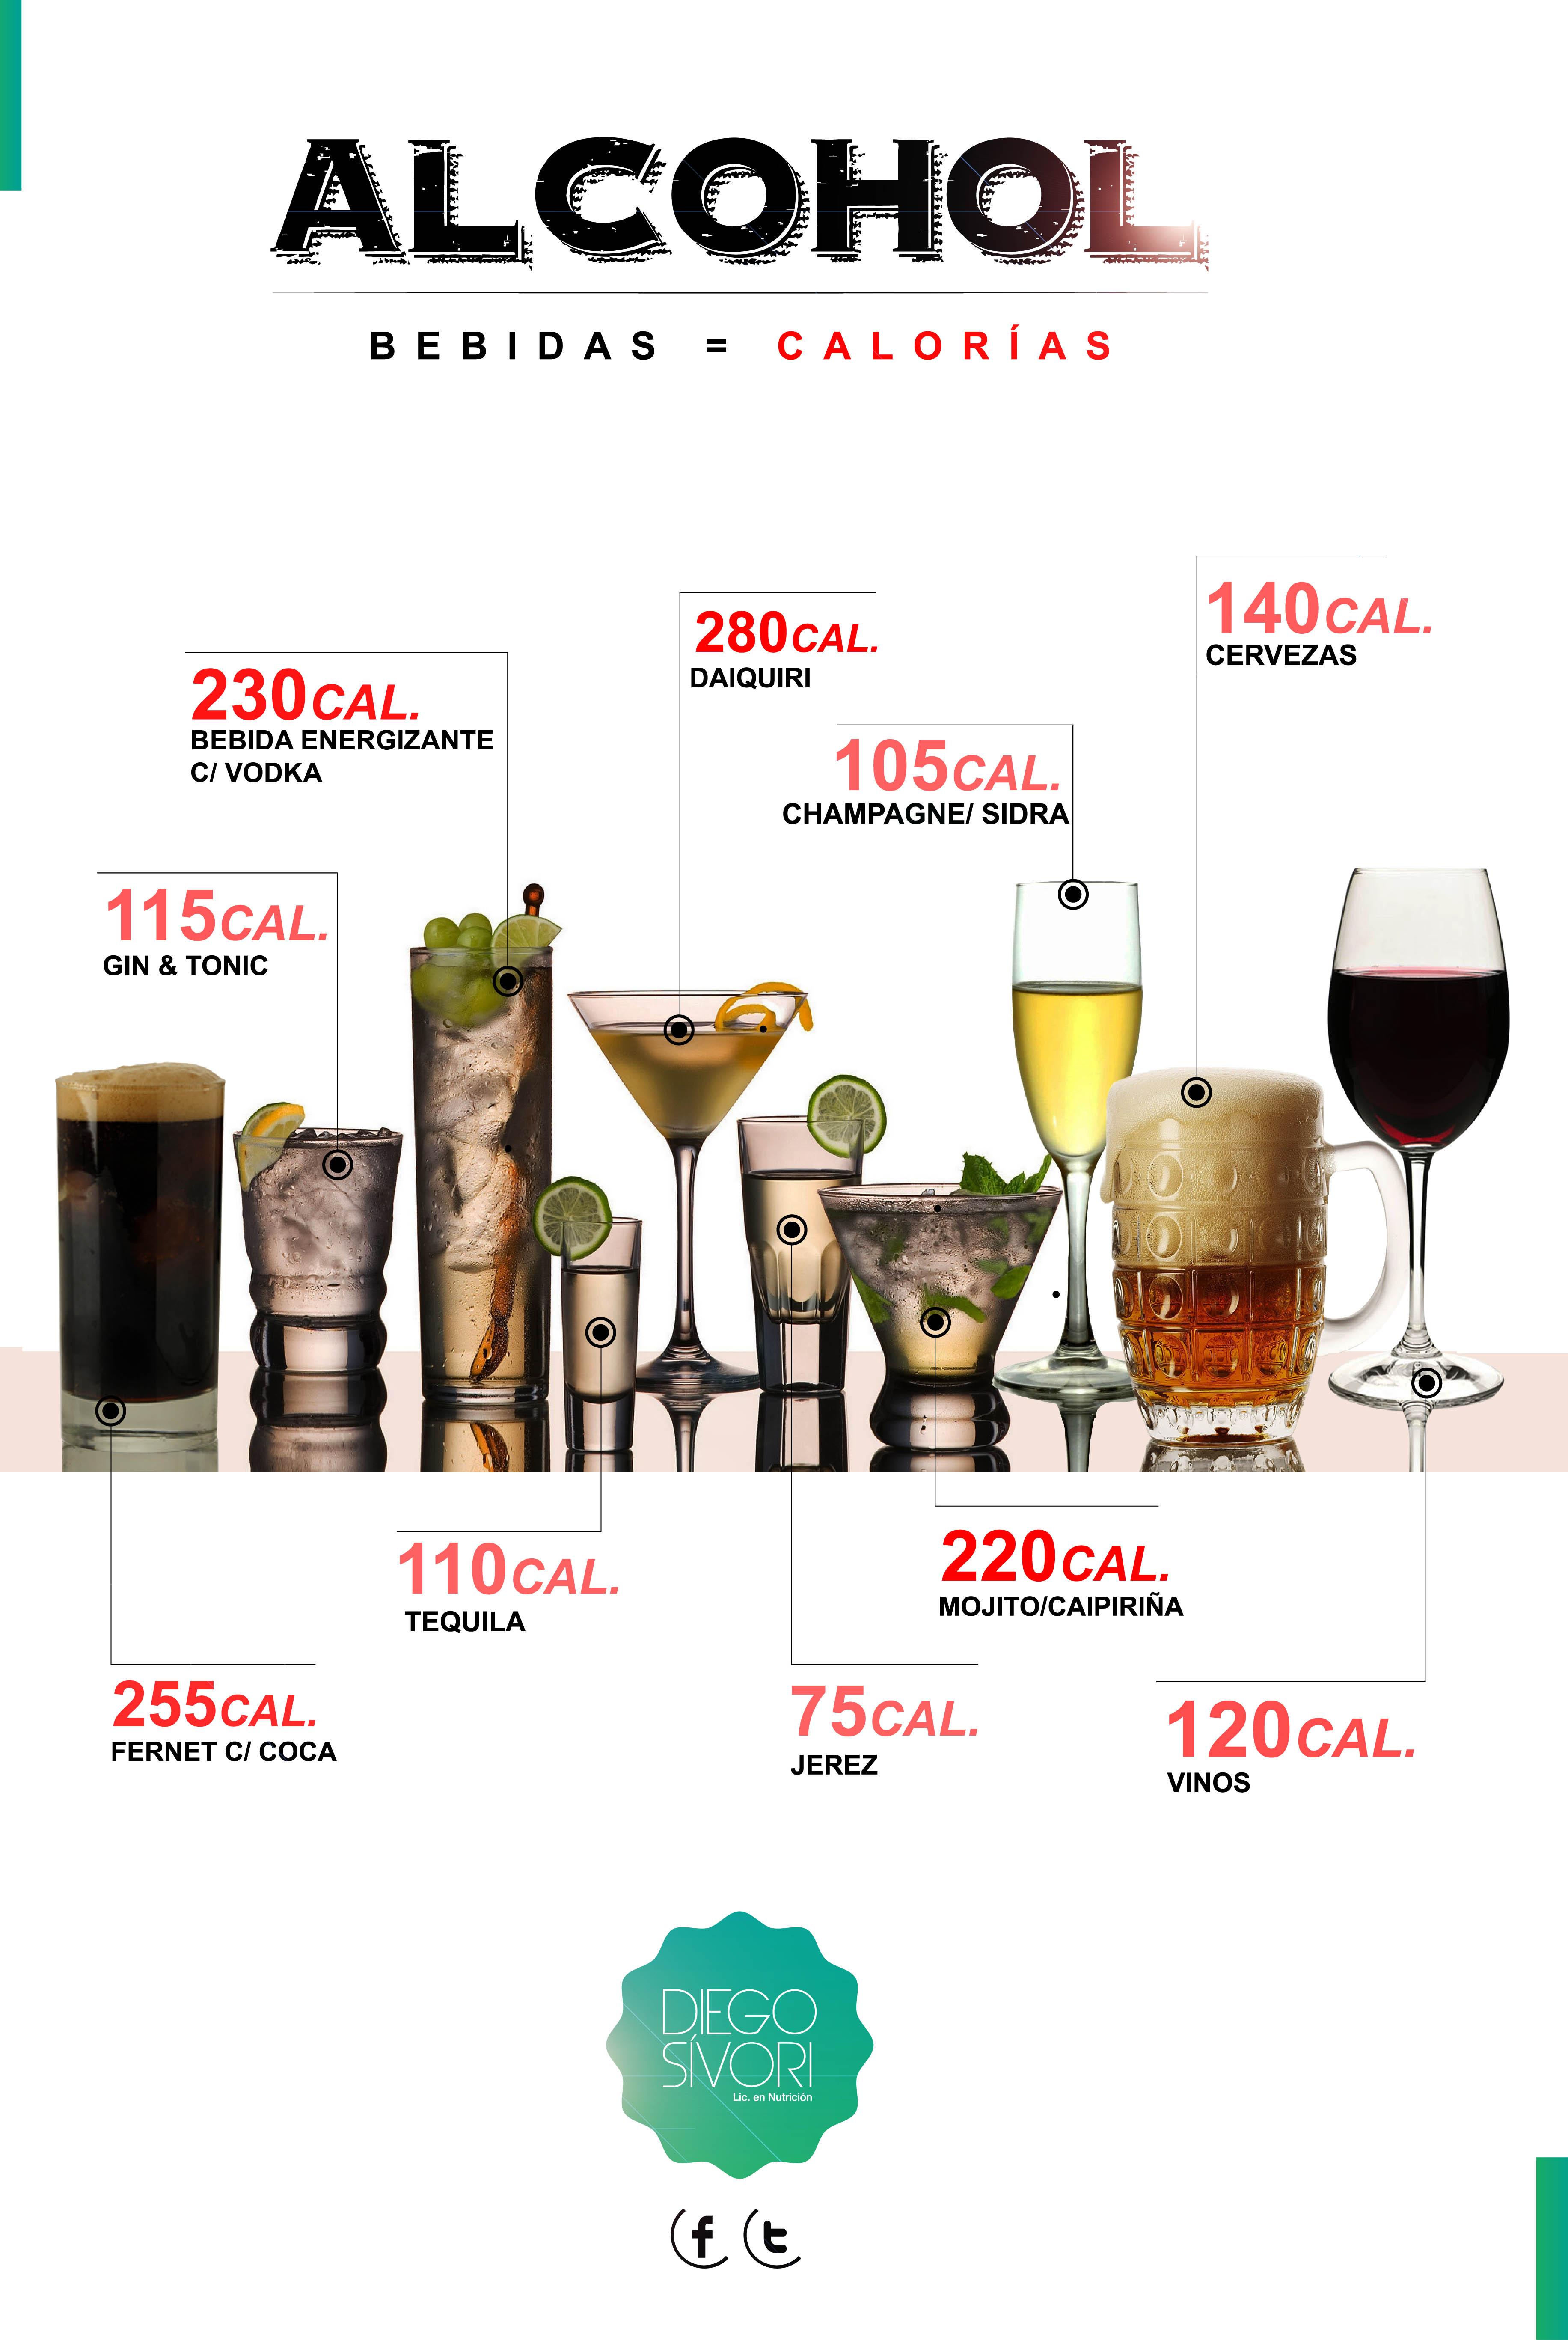 calorias en bebidas alcoholicas tabla 2